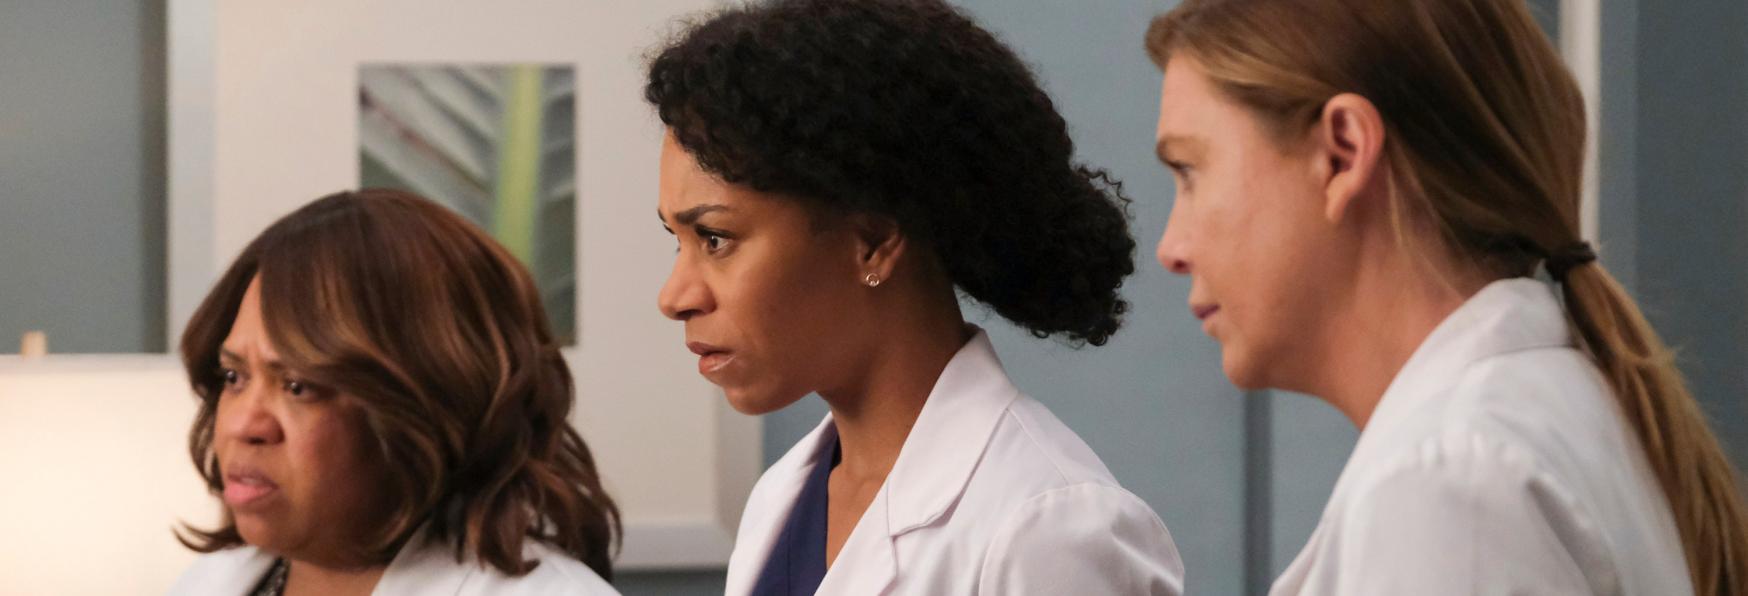 Grey's Anatomy 17: Krista Vernoff parla della nuova Stagione della Serie TV ABC